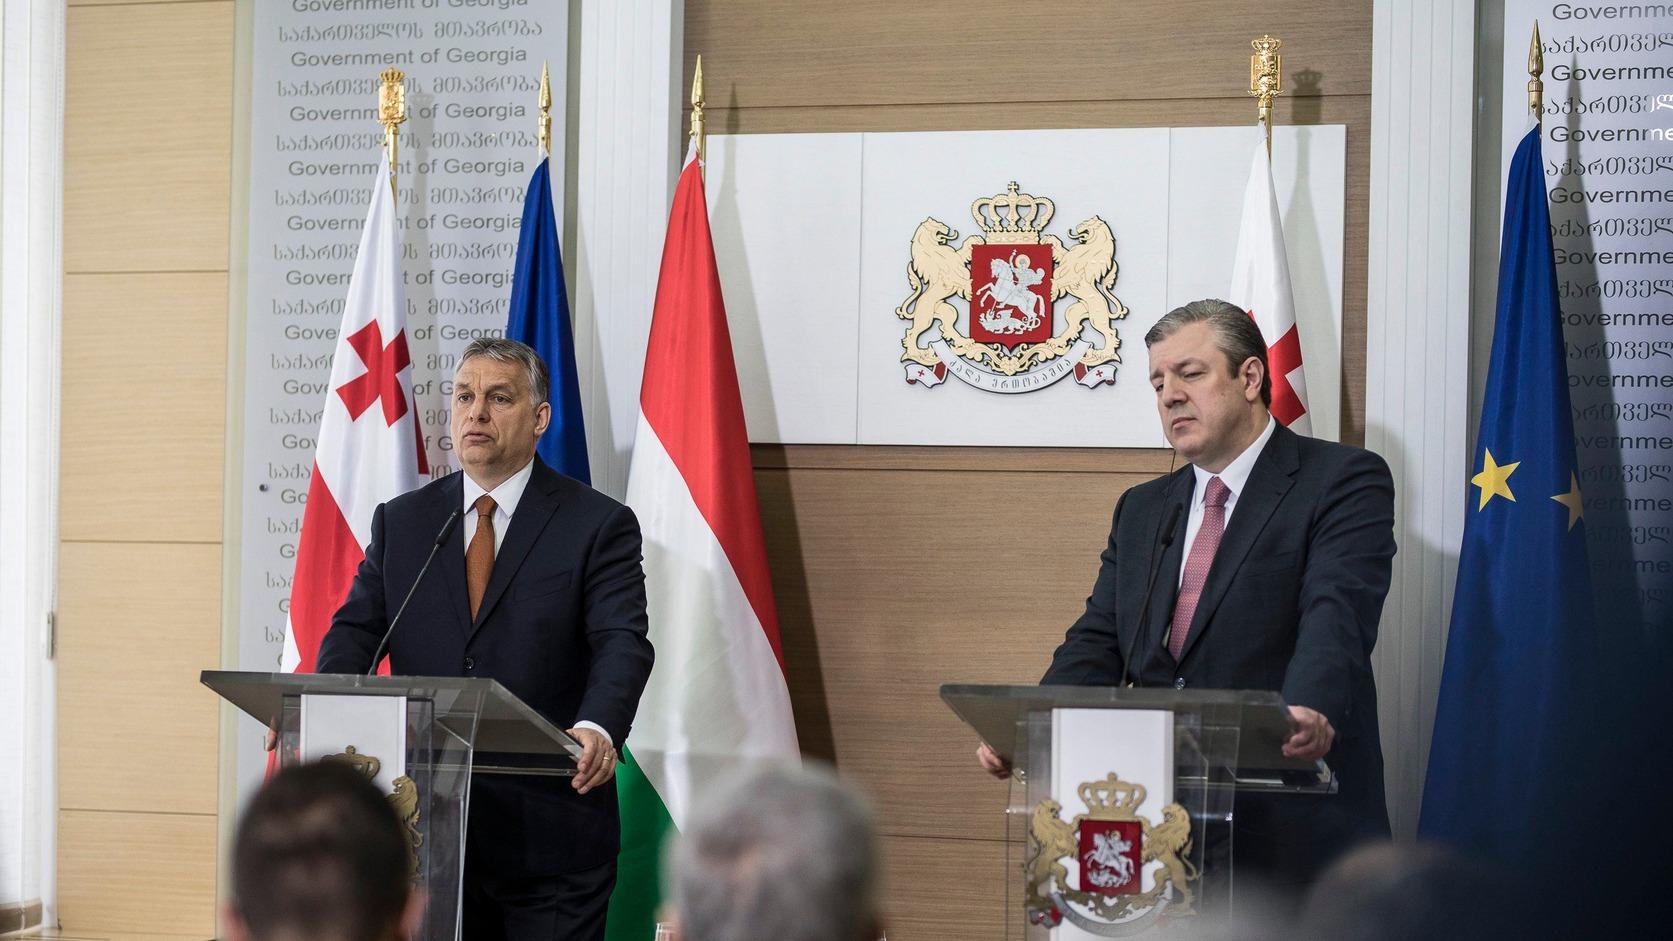 Tbiliszi, 2017. április 21. A Miniszterelnöki Sajtóiroda által közzétett képen Orbán Viktor kormányfő (b) és Giorgi Kvirikasvili grúz miniszterelnök sajtótájékoztatót tart Tbilisziben 2017. április 21-én. MTI Fotó: Miniszterelnöki Sajtóiroda/Szecsődi Balázs